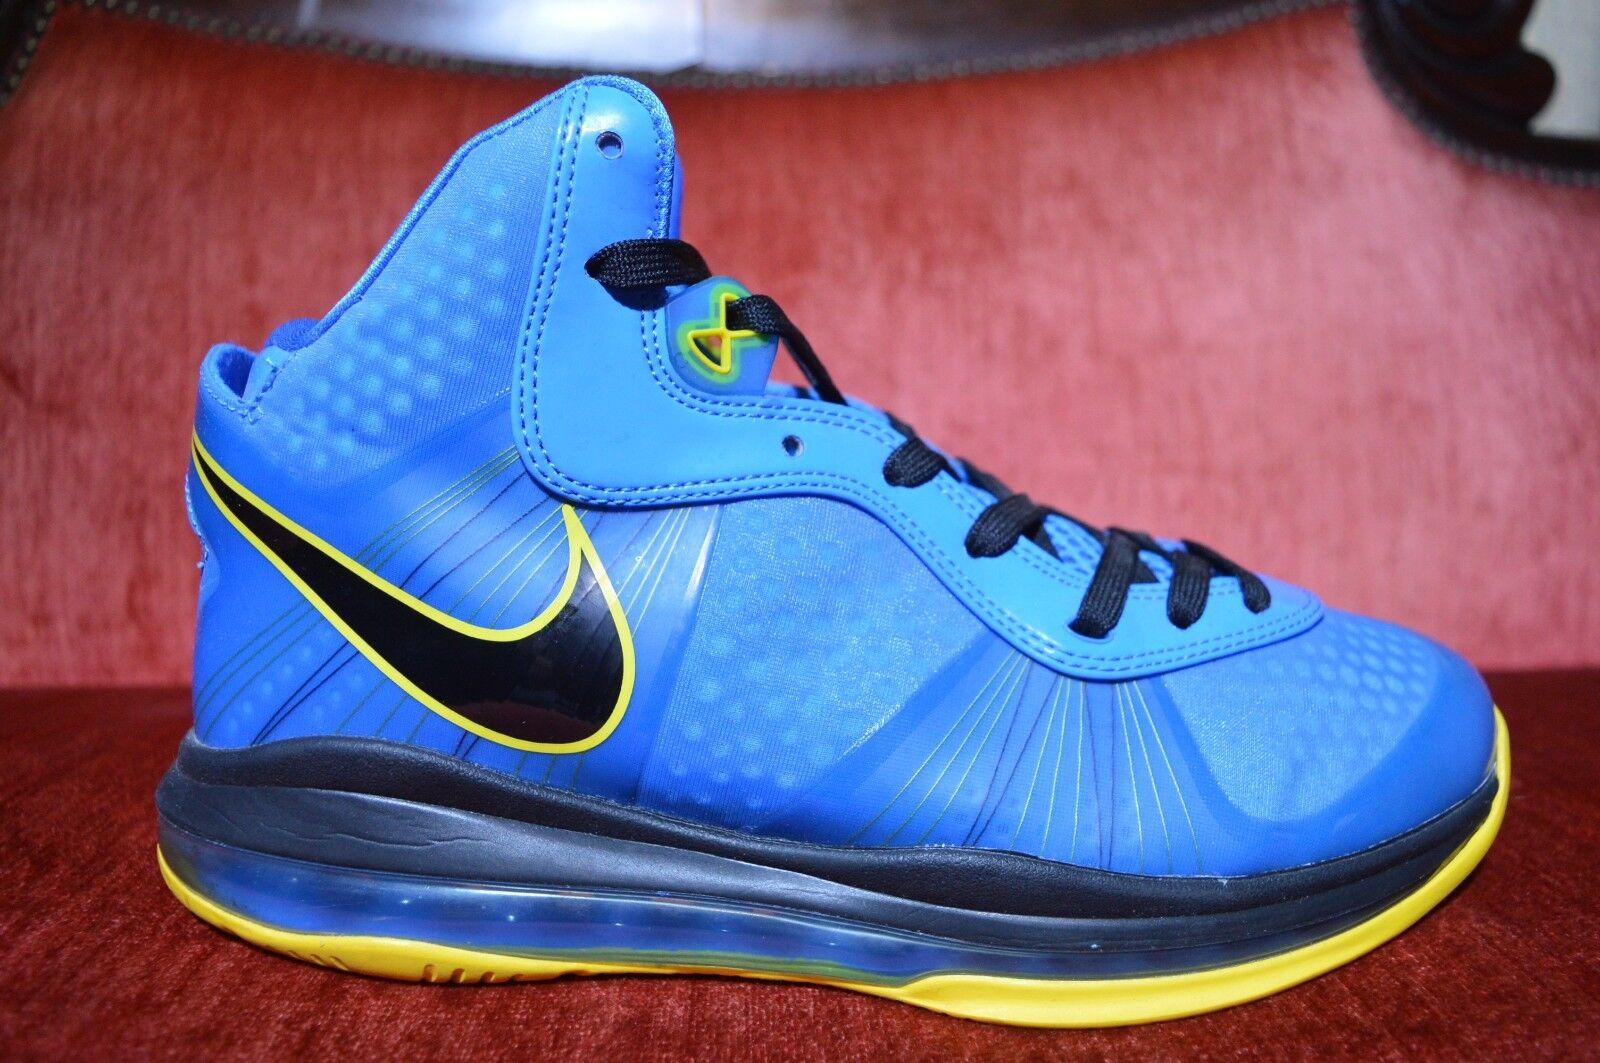 Nike Air Max LEBRON VIII 8 V/2 ENTOURAGE PHOTO BLUE BLACK YELLOW 429676-401 10